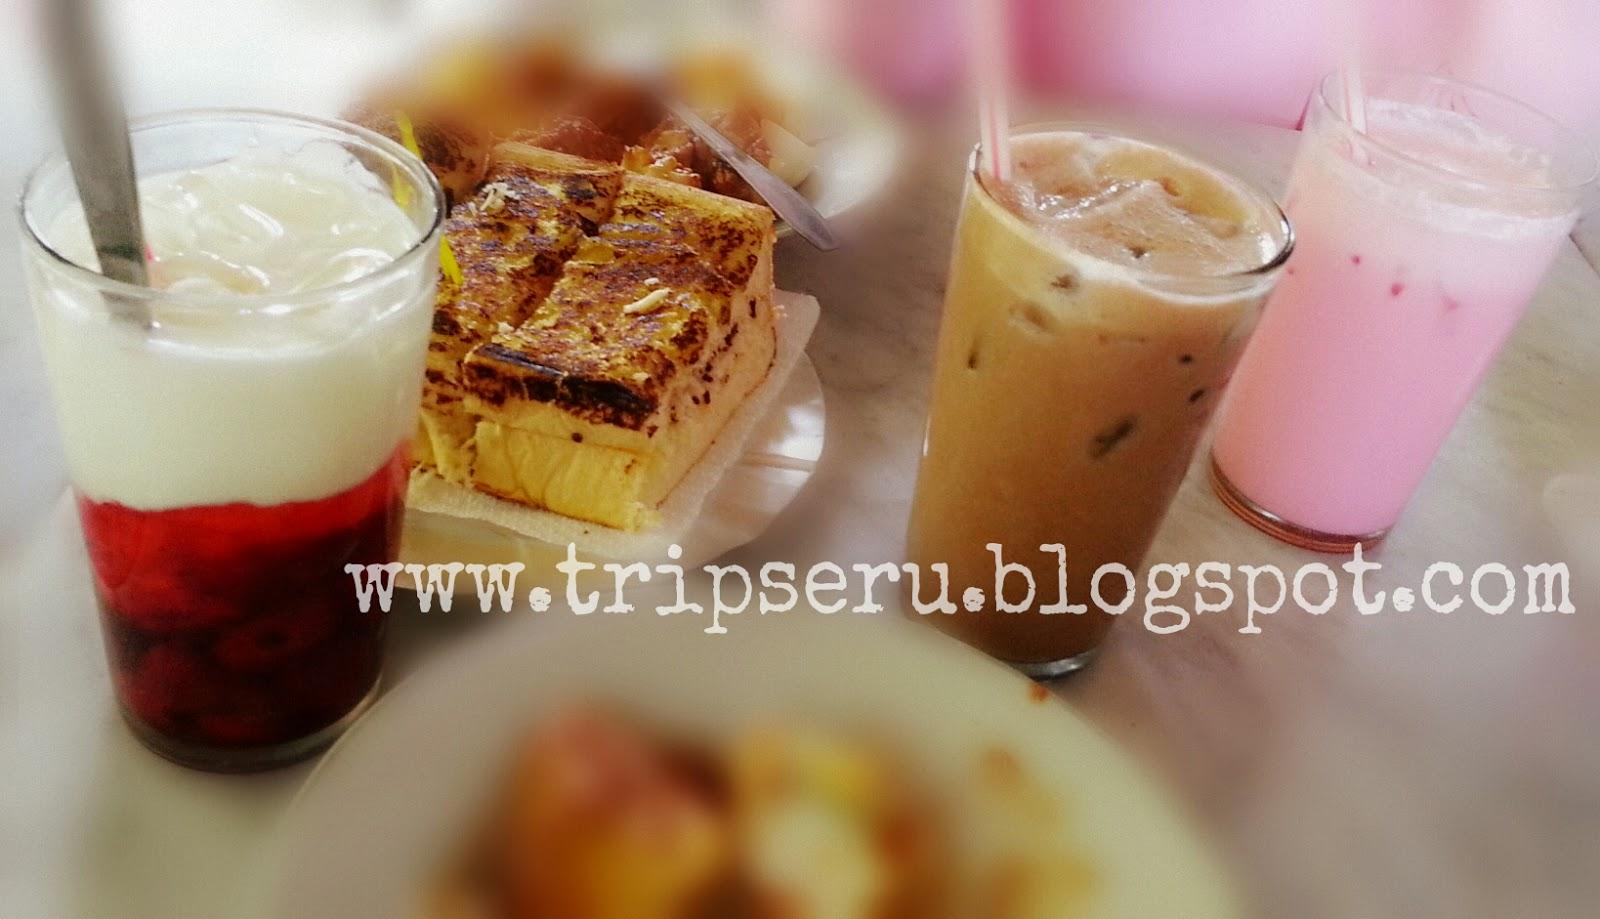 7 Makanan Rendah Kalori yang Bikin Kenyang Lama, Cocok untuk Sahur!